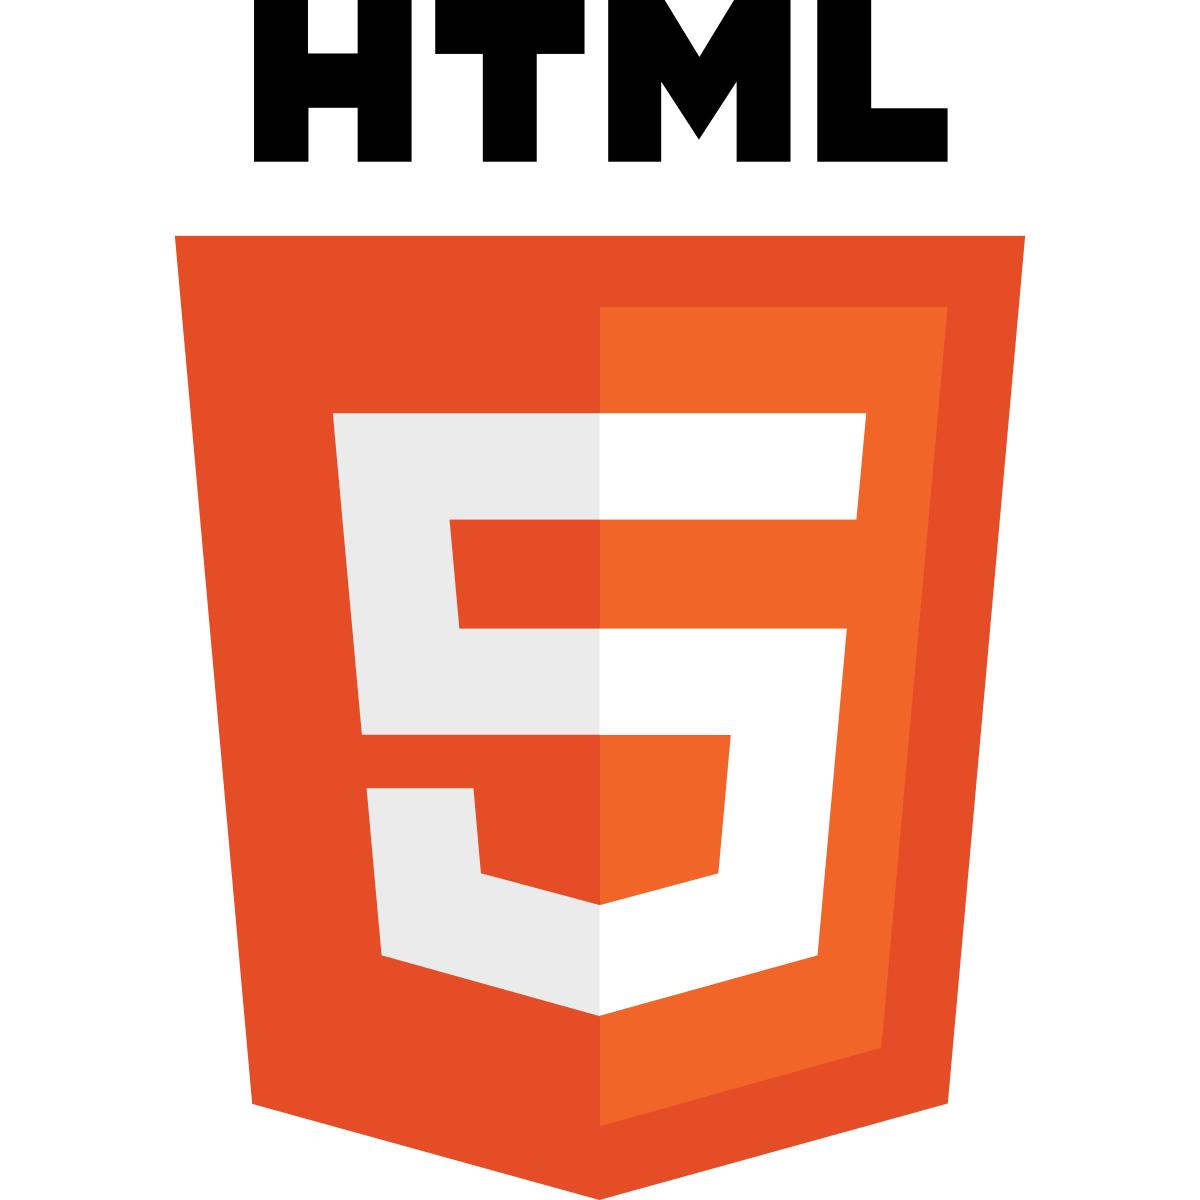 Complete HTML5 cursus gratis @ Udemy